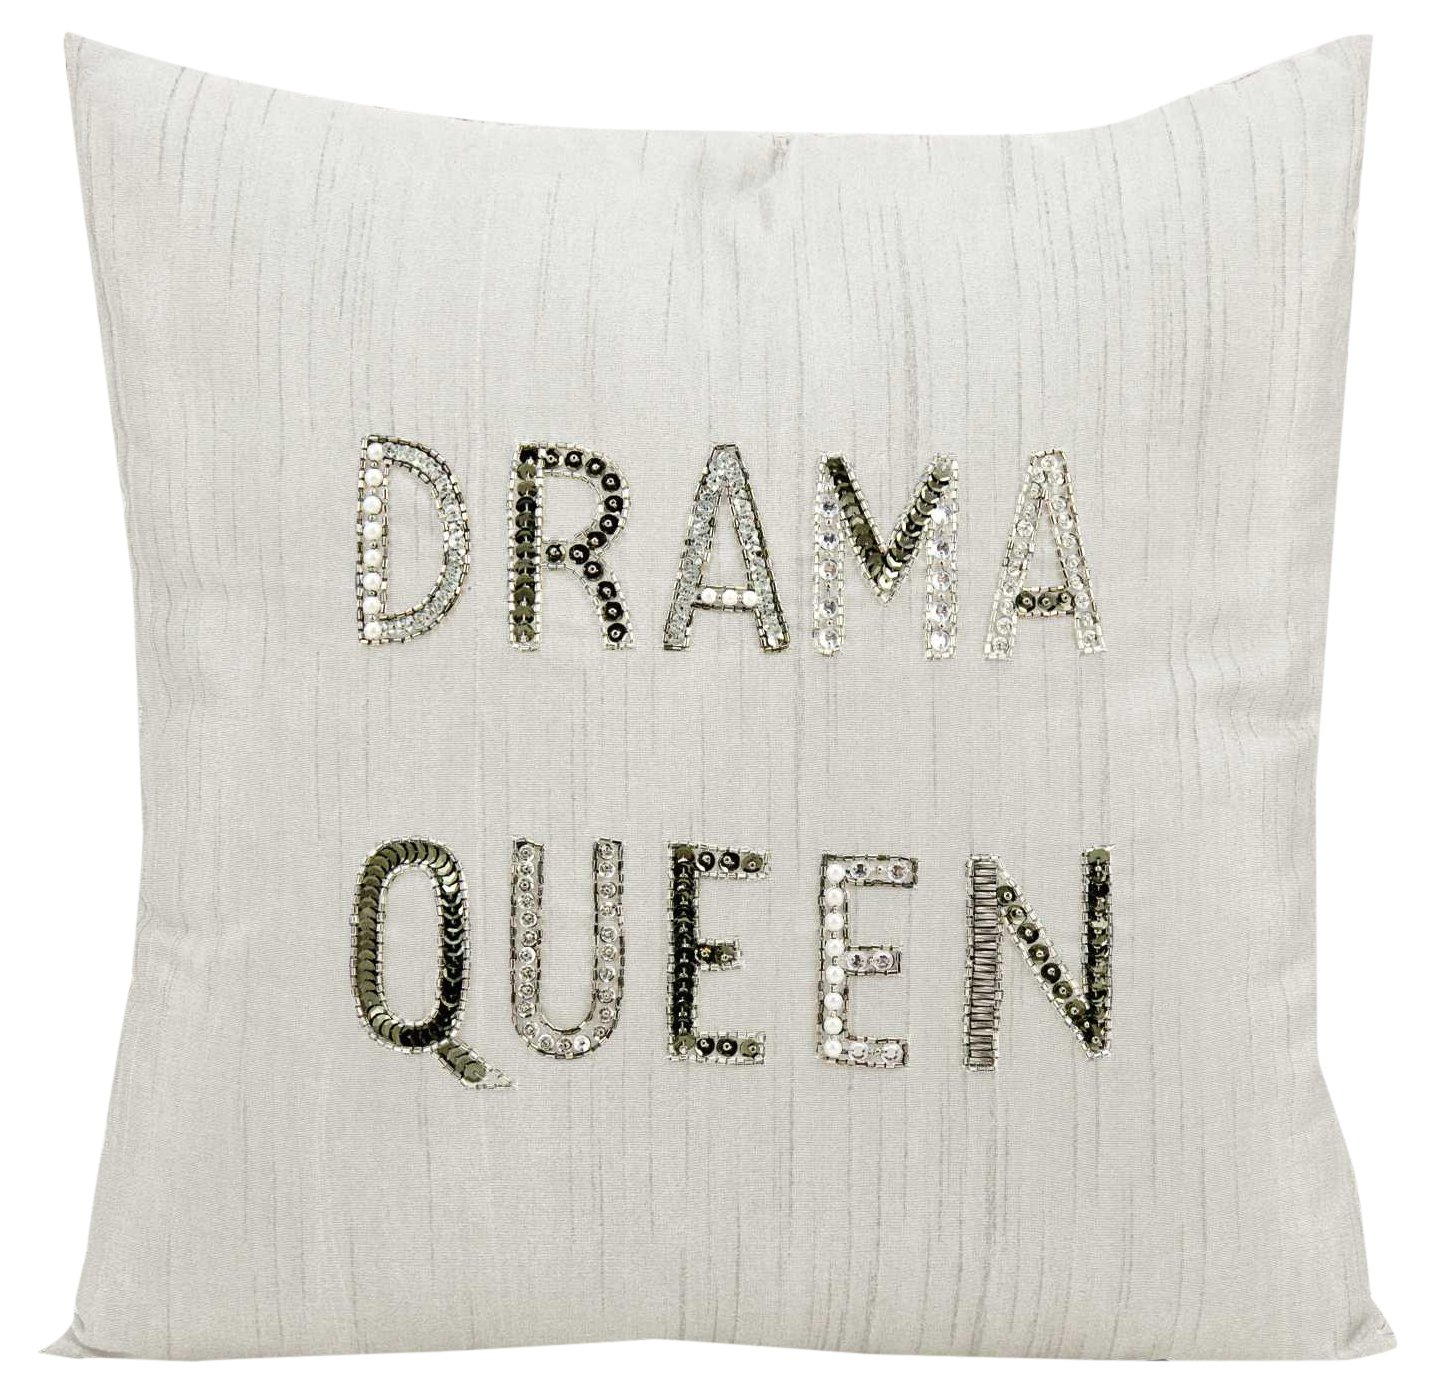 Nourison Mina Victory E0175 Mina Victory Drama Queen Champagne Decorative Pillow 18 x 18